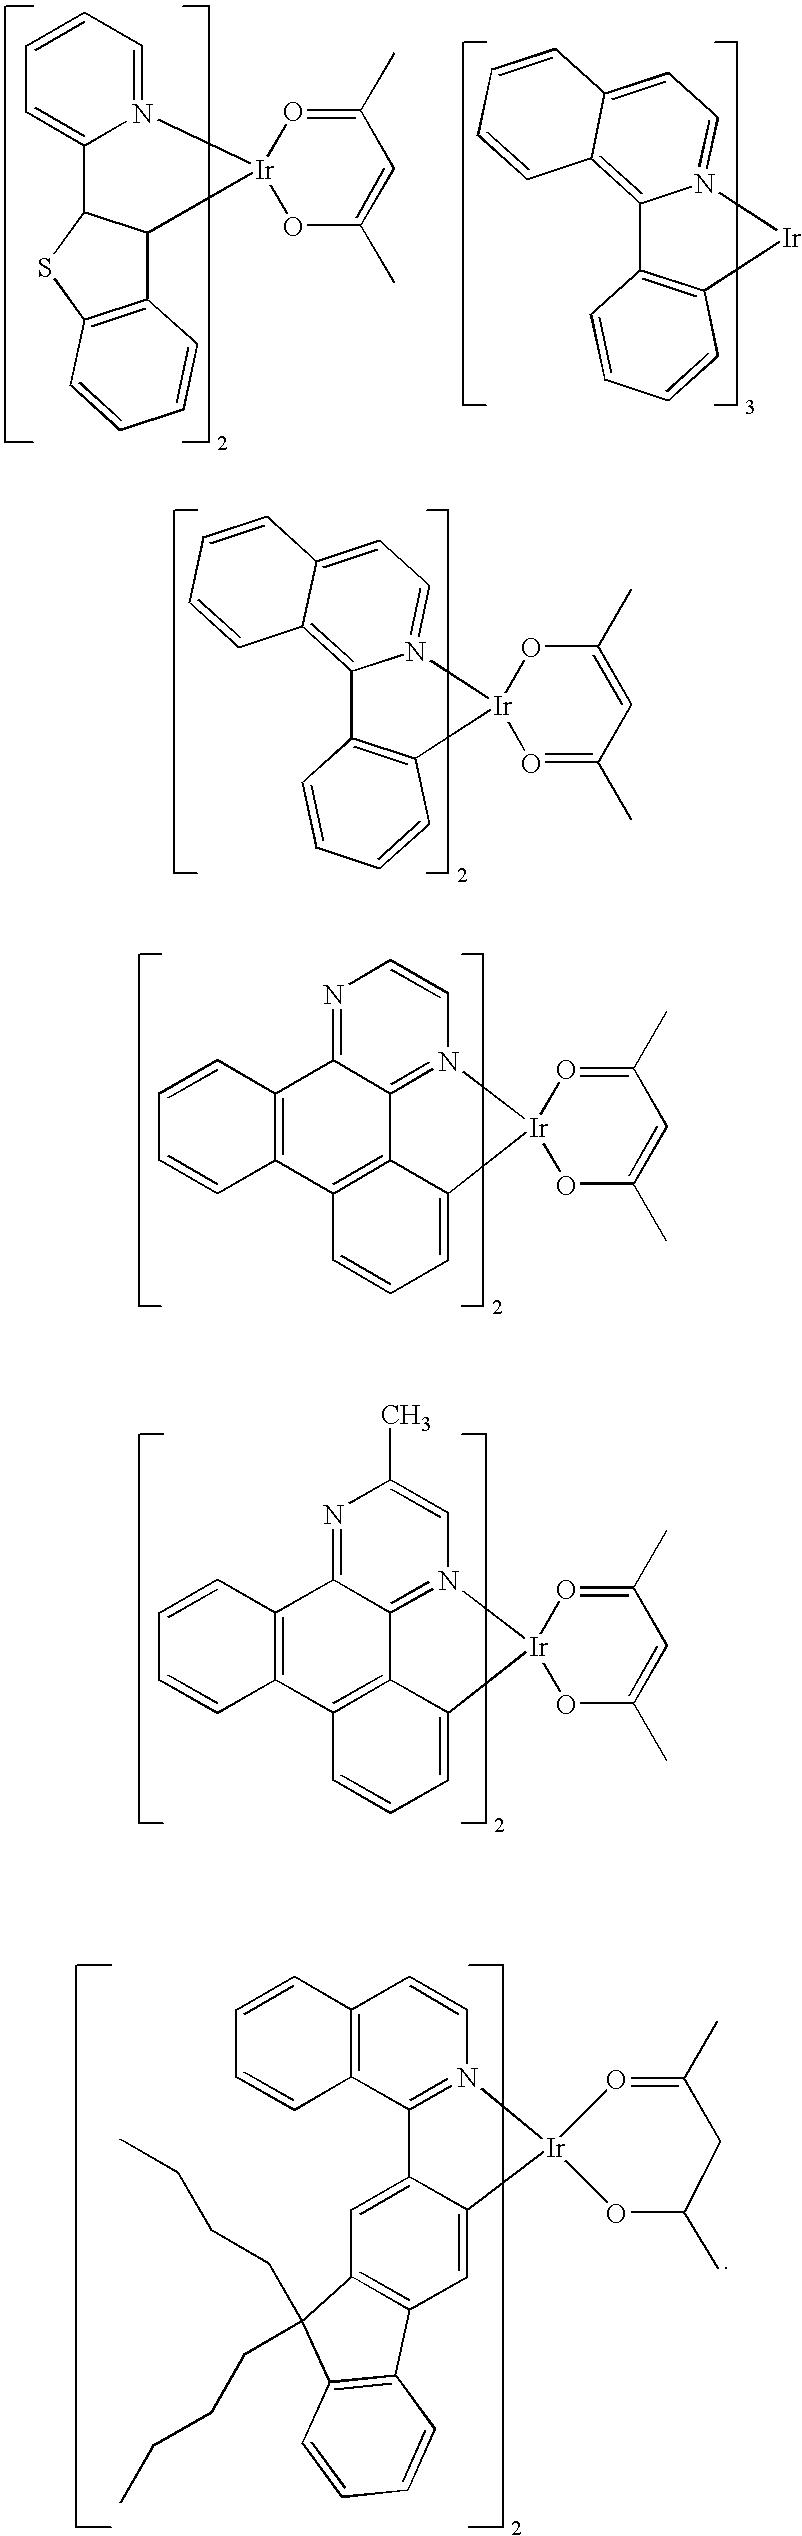 Figure US07851579-20101214-C00018